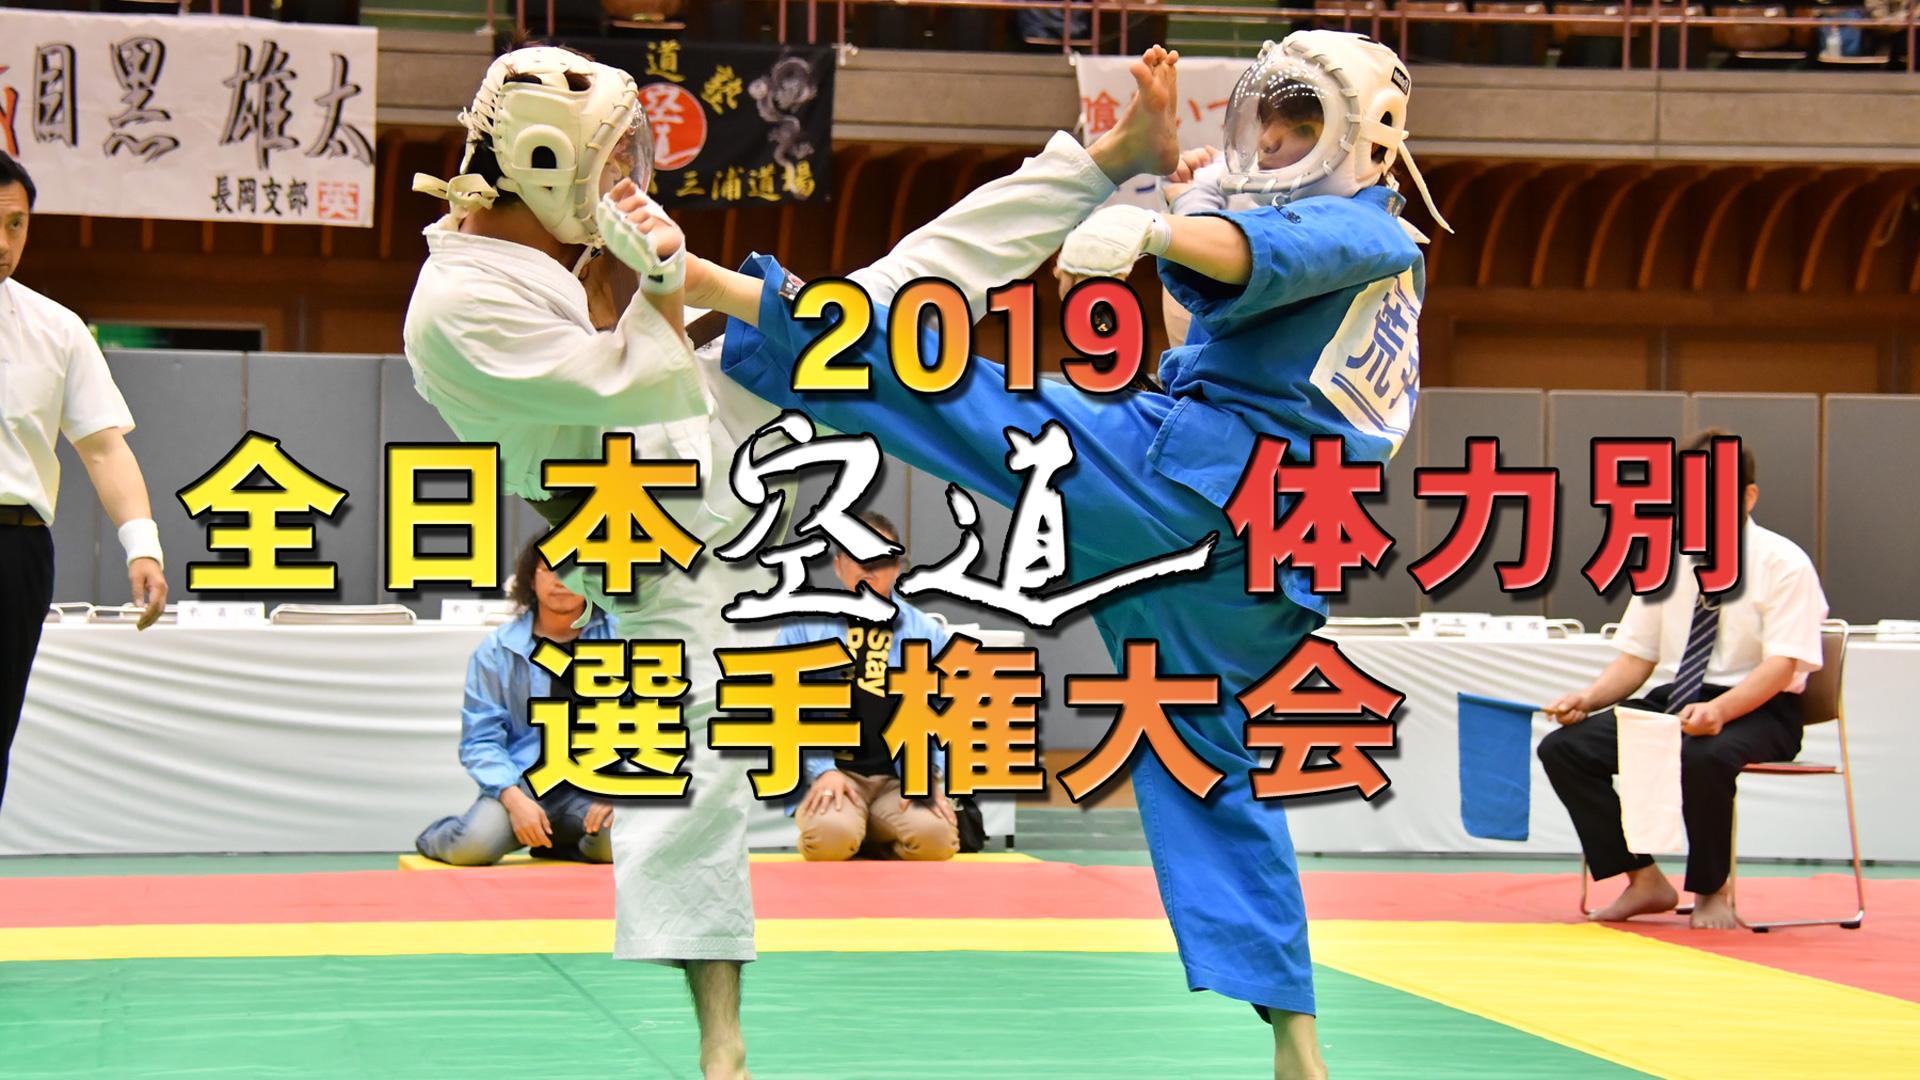 2019全日本空道体力別選手権大会